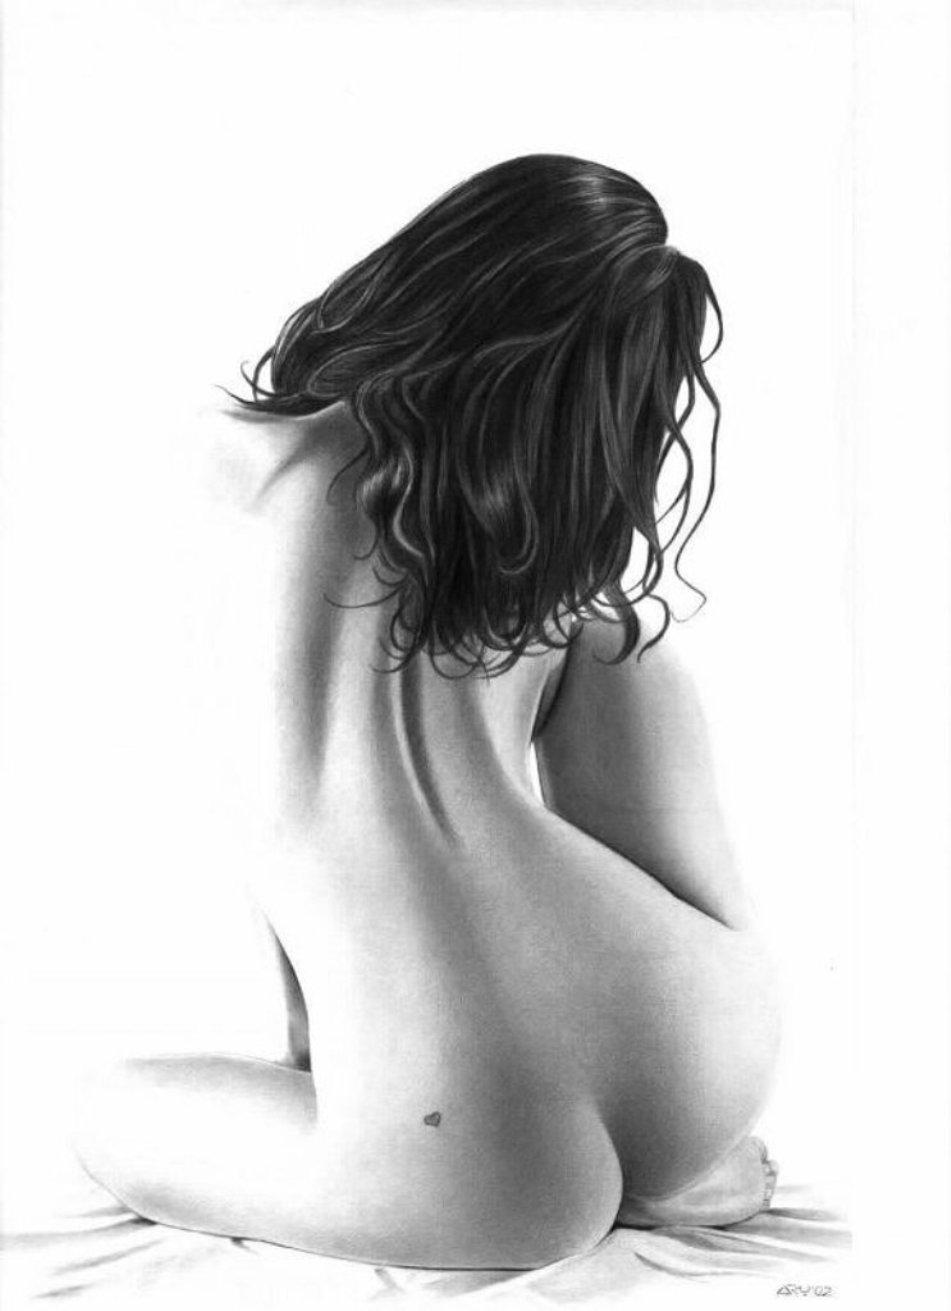 Эротическии рисунки голых женщин 19 фотография